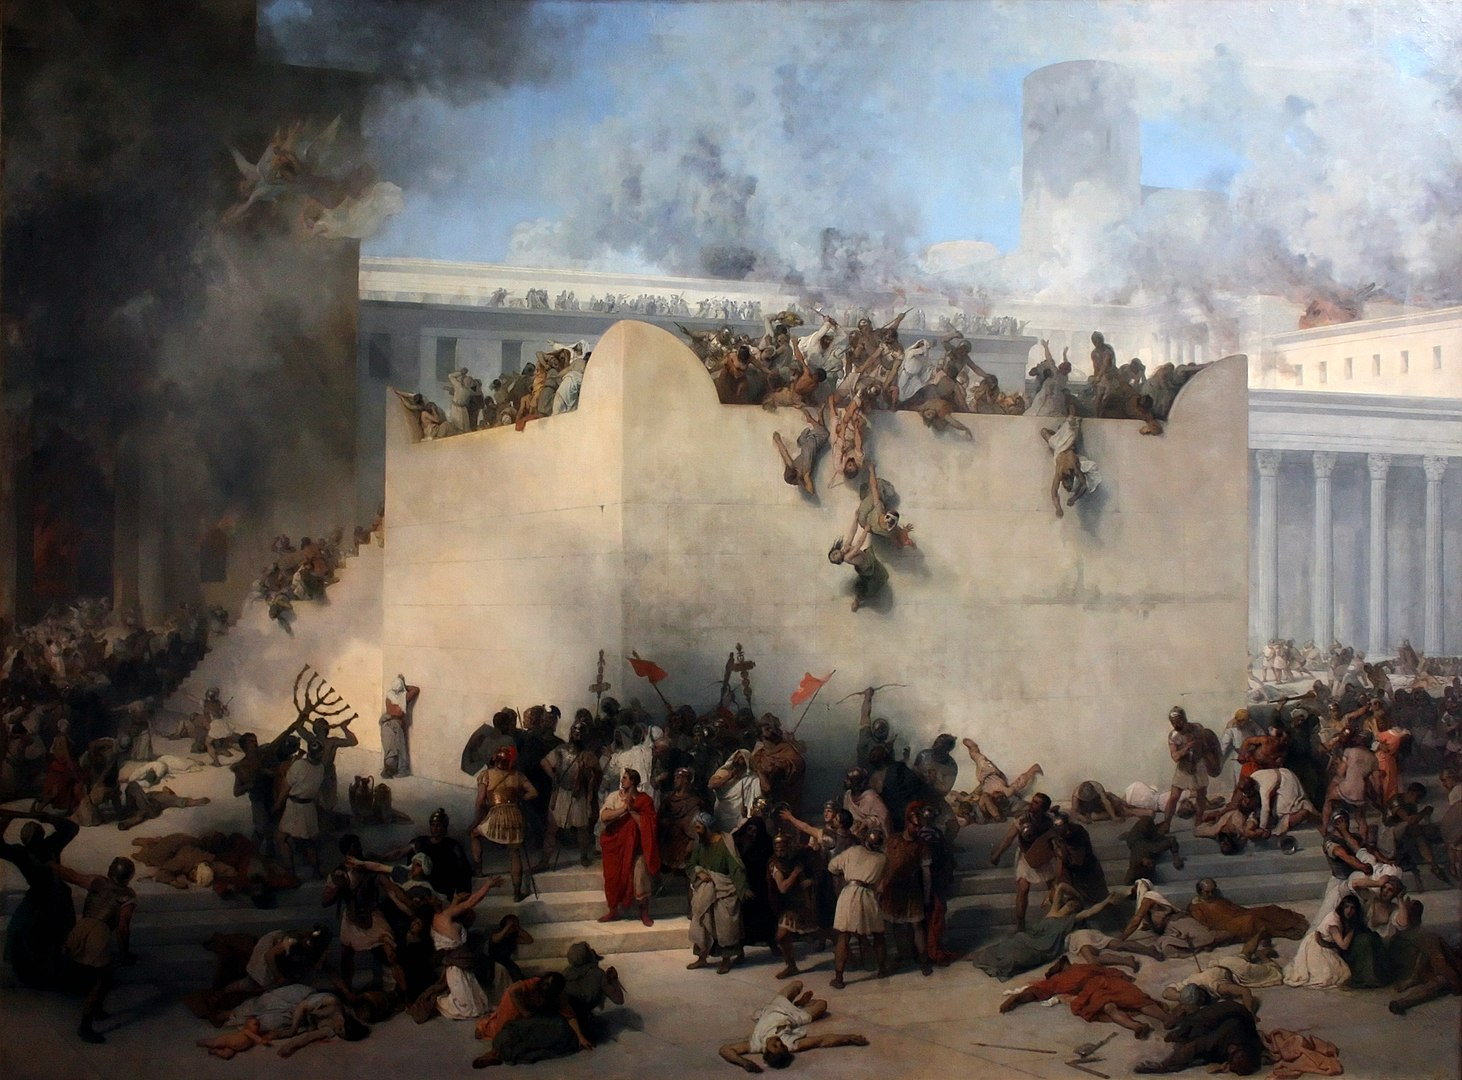 Francisco Hayez painting